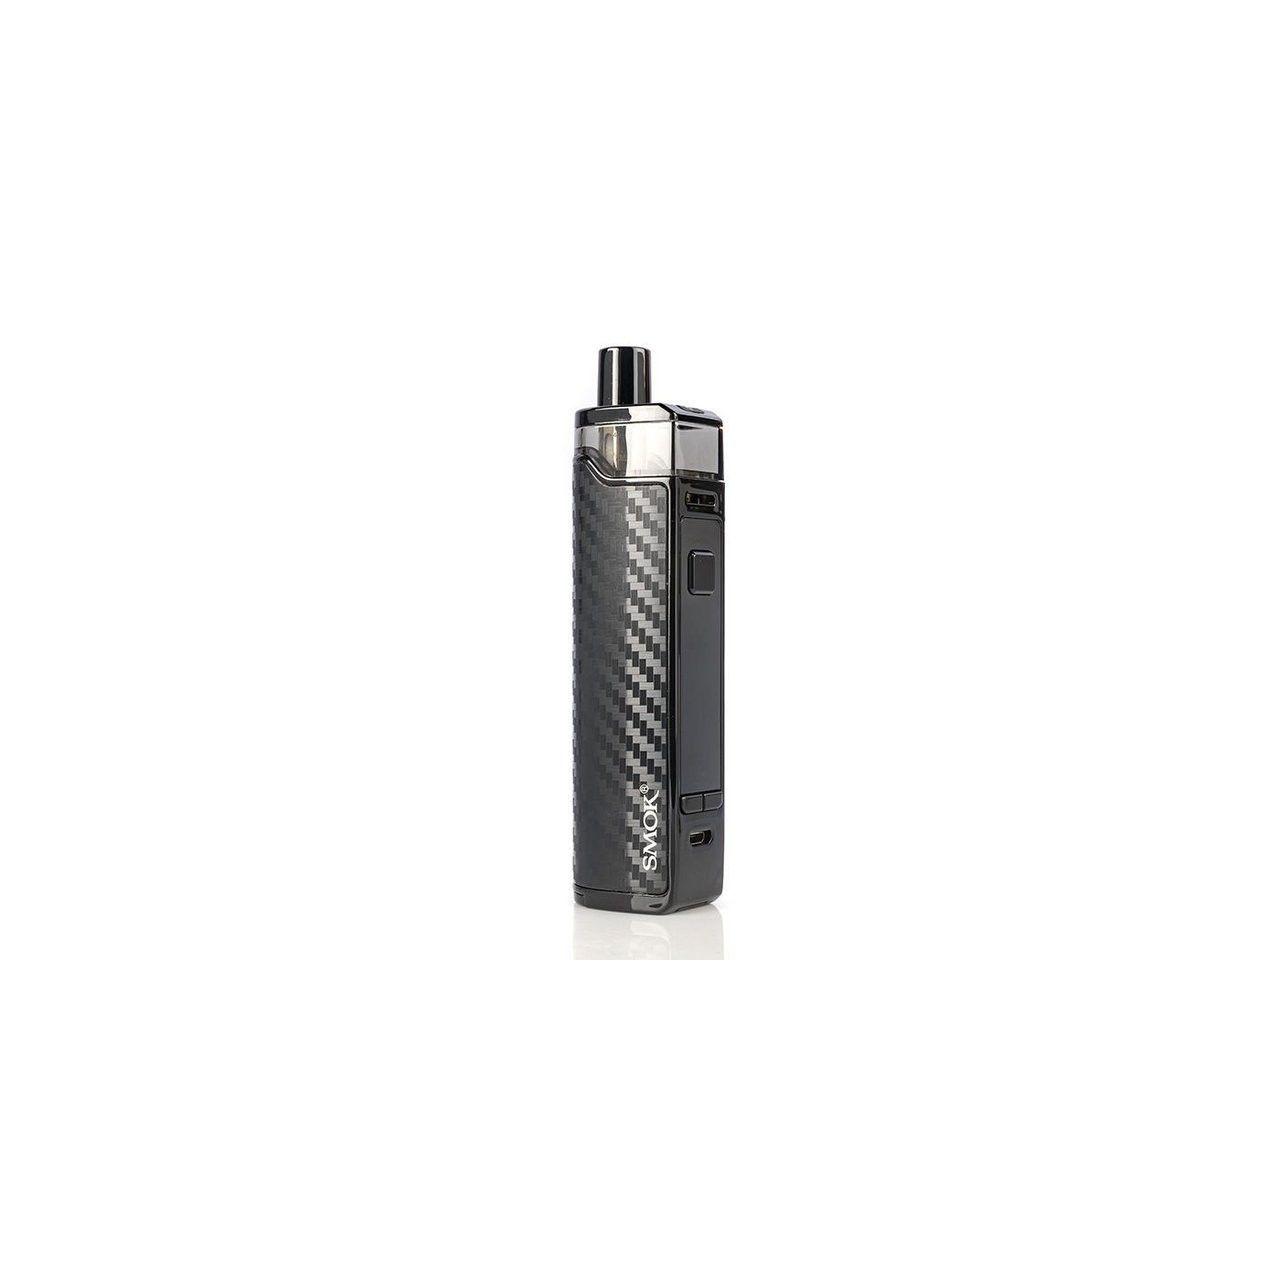 Pod Mod - RPM80 - Smok Smok - 1